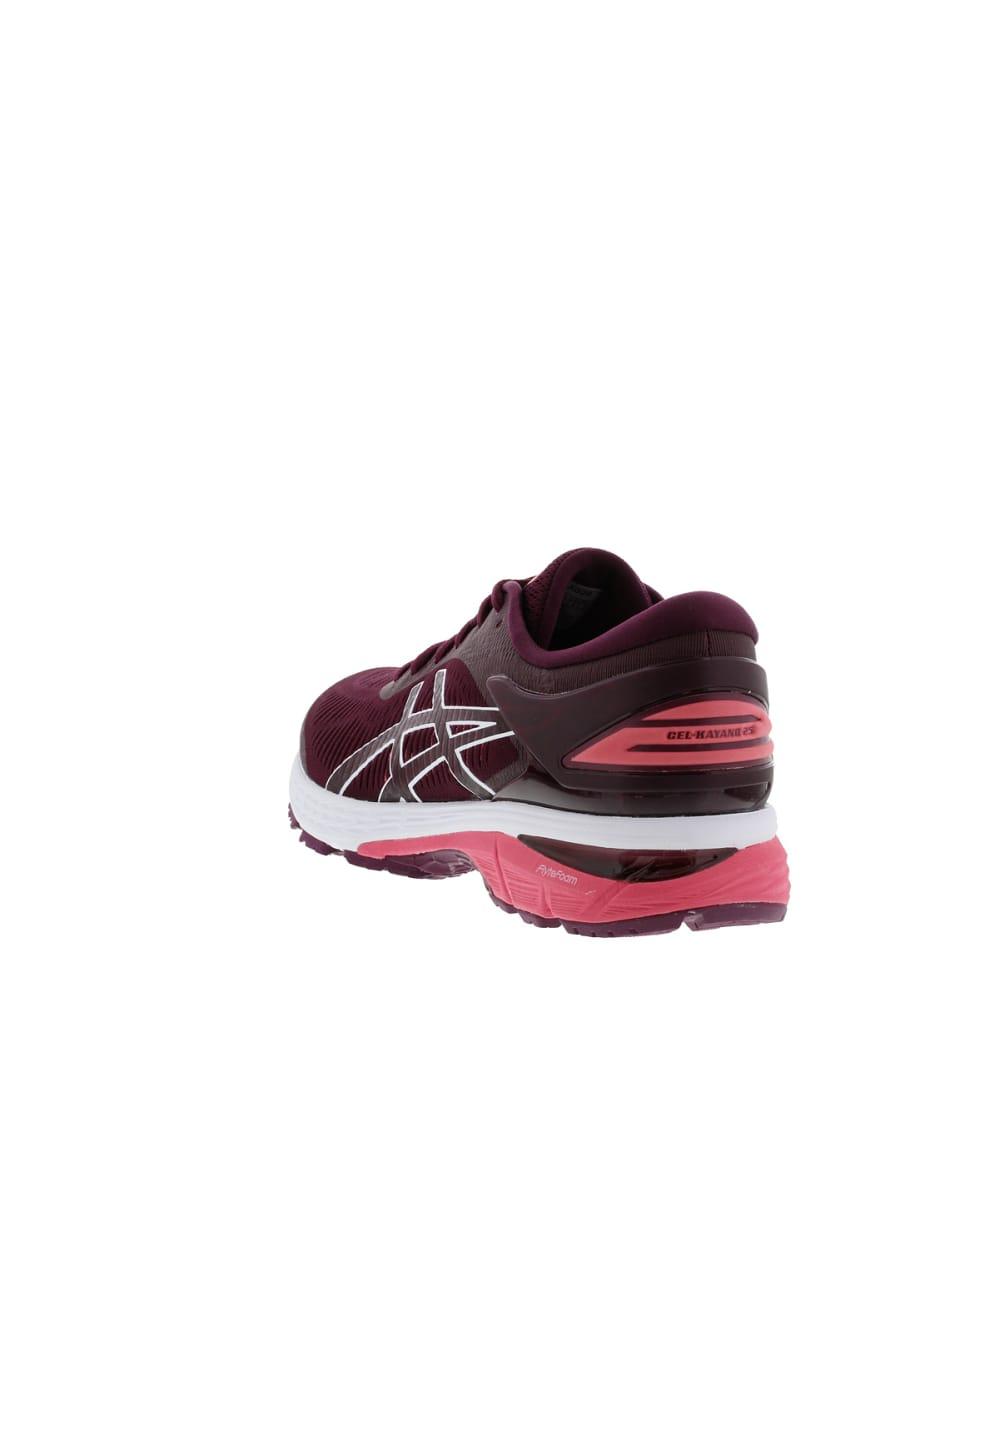 ASICS Gel-Kayano 25 - Laufschuhe für Damen - Schwarz